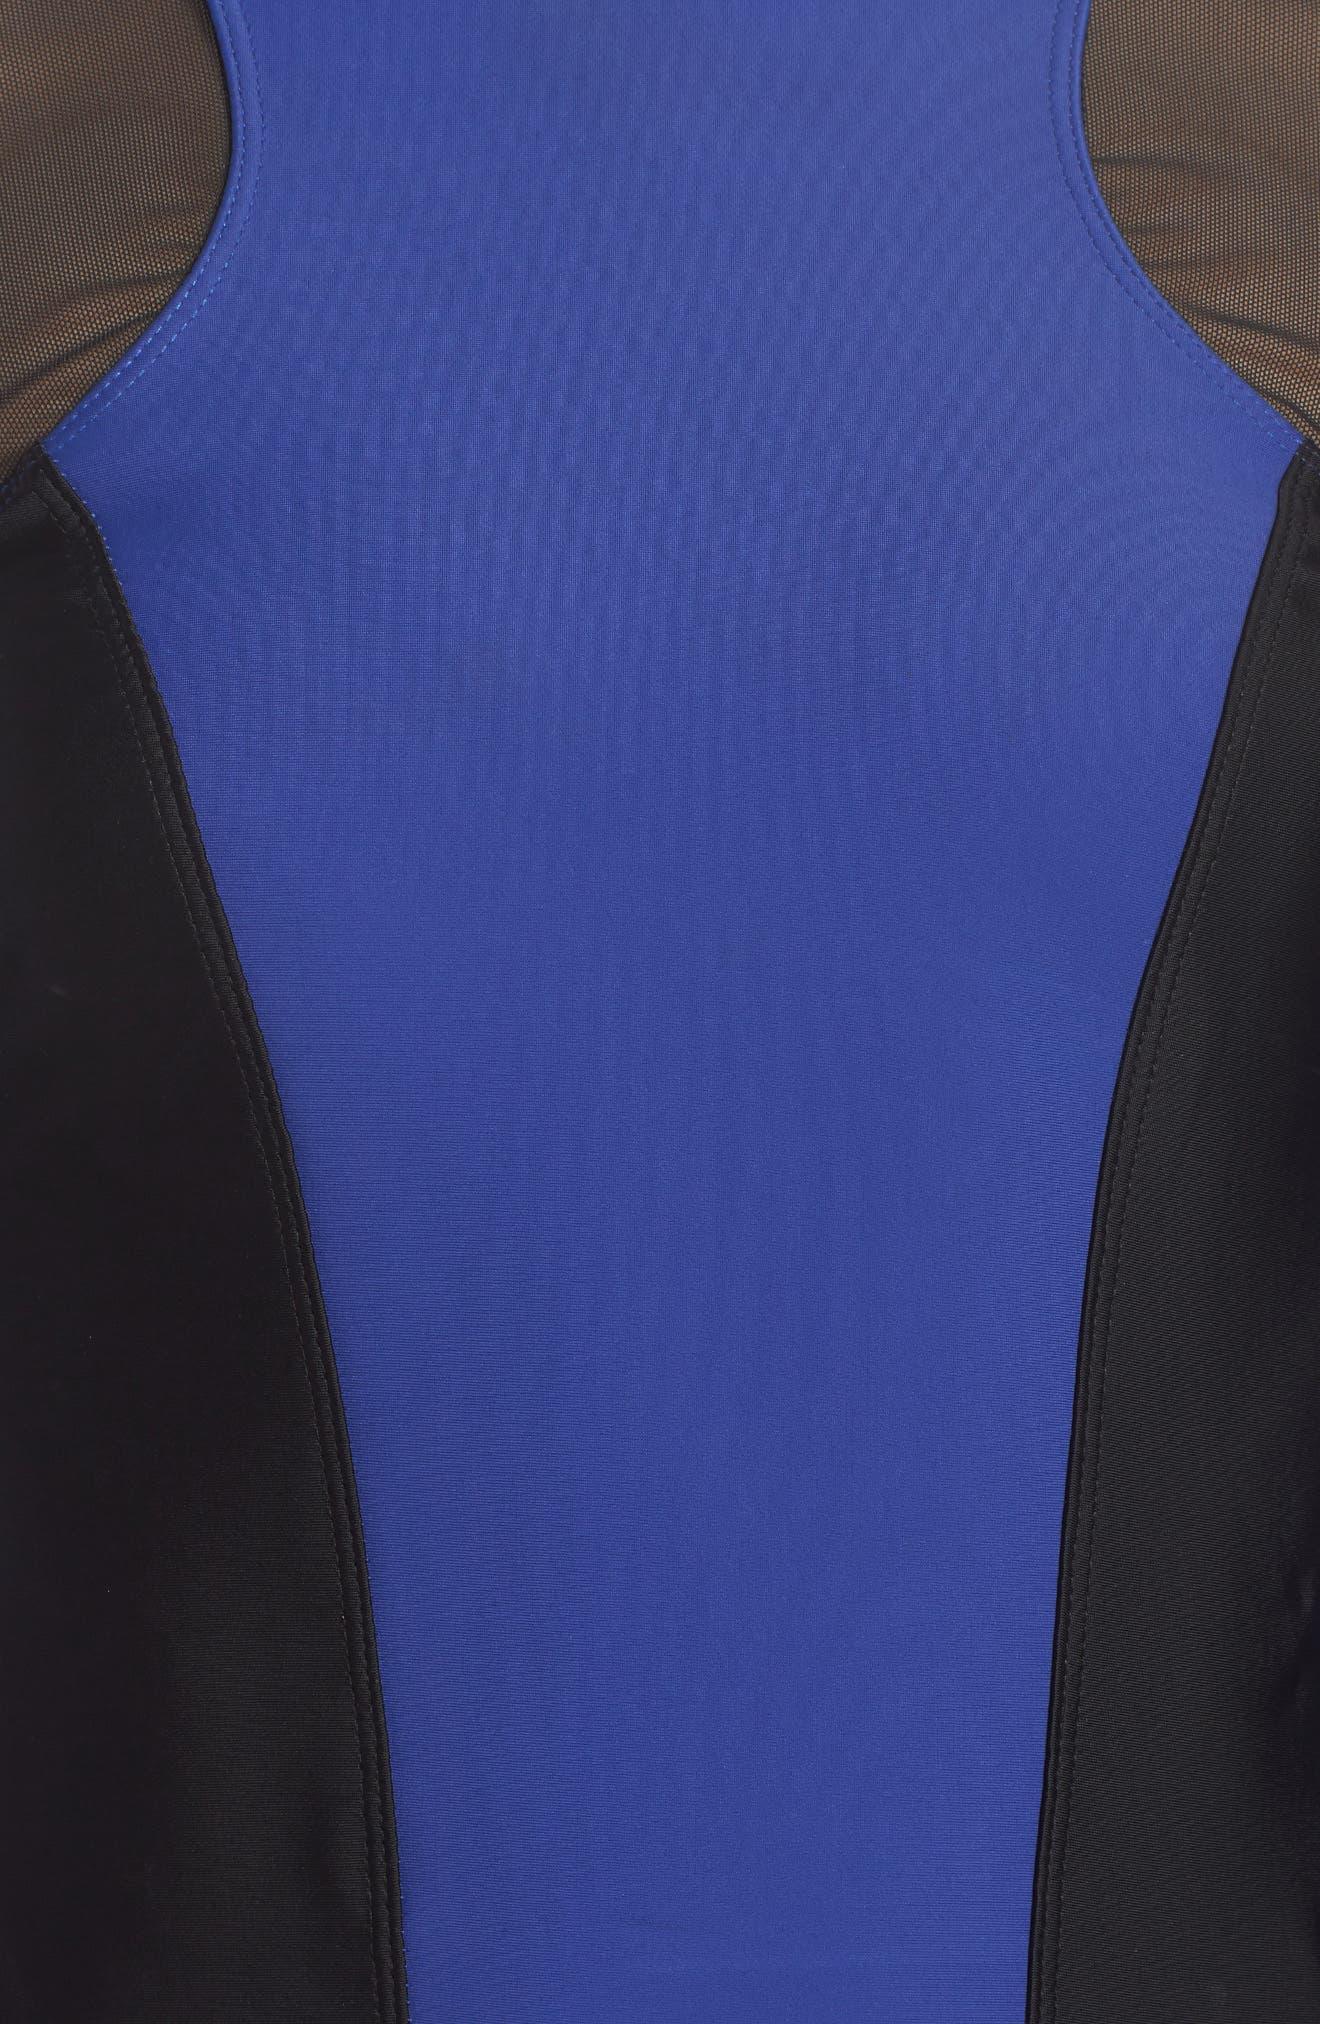 Hydro Rash Guard,                             Alternate thumbnail 4, color,                             Blue/ Black